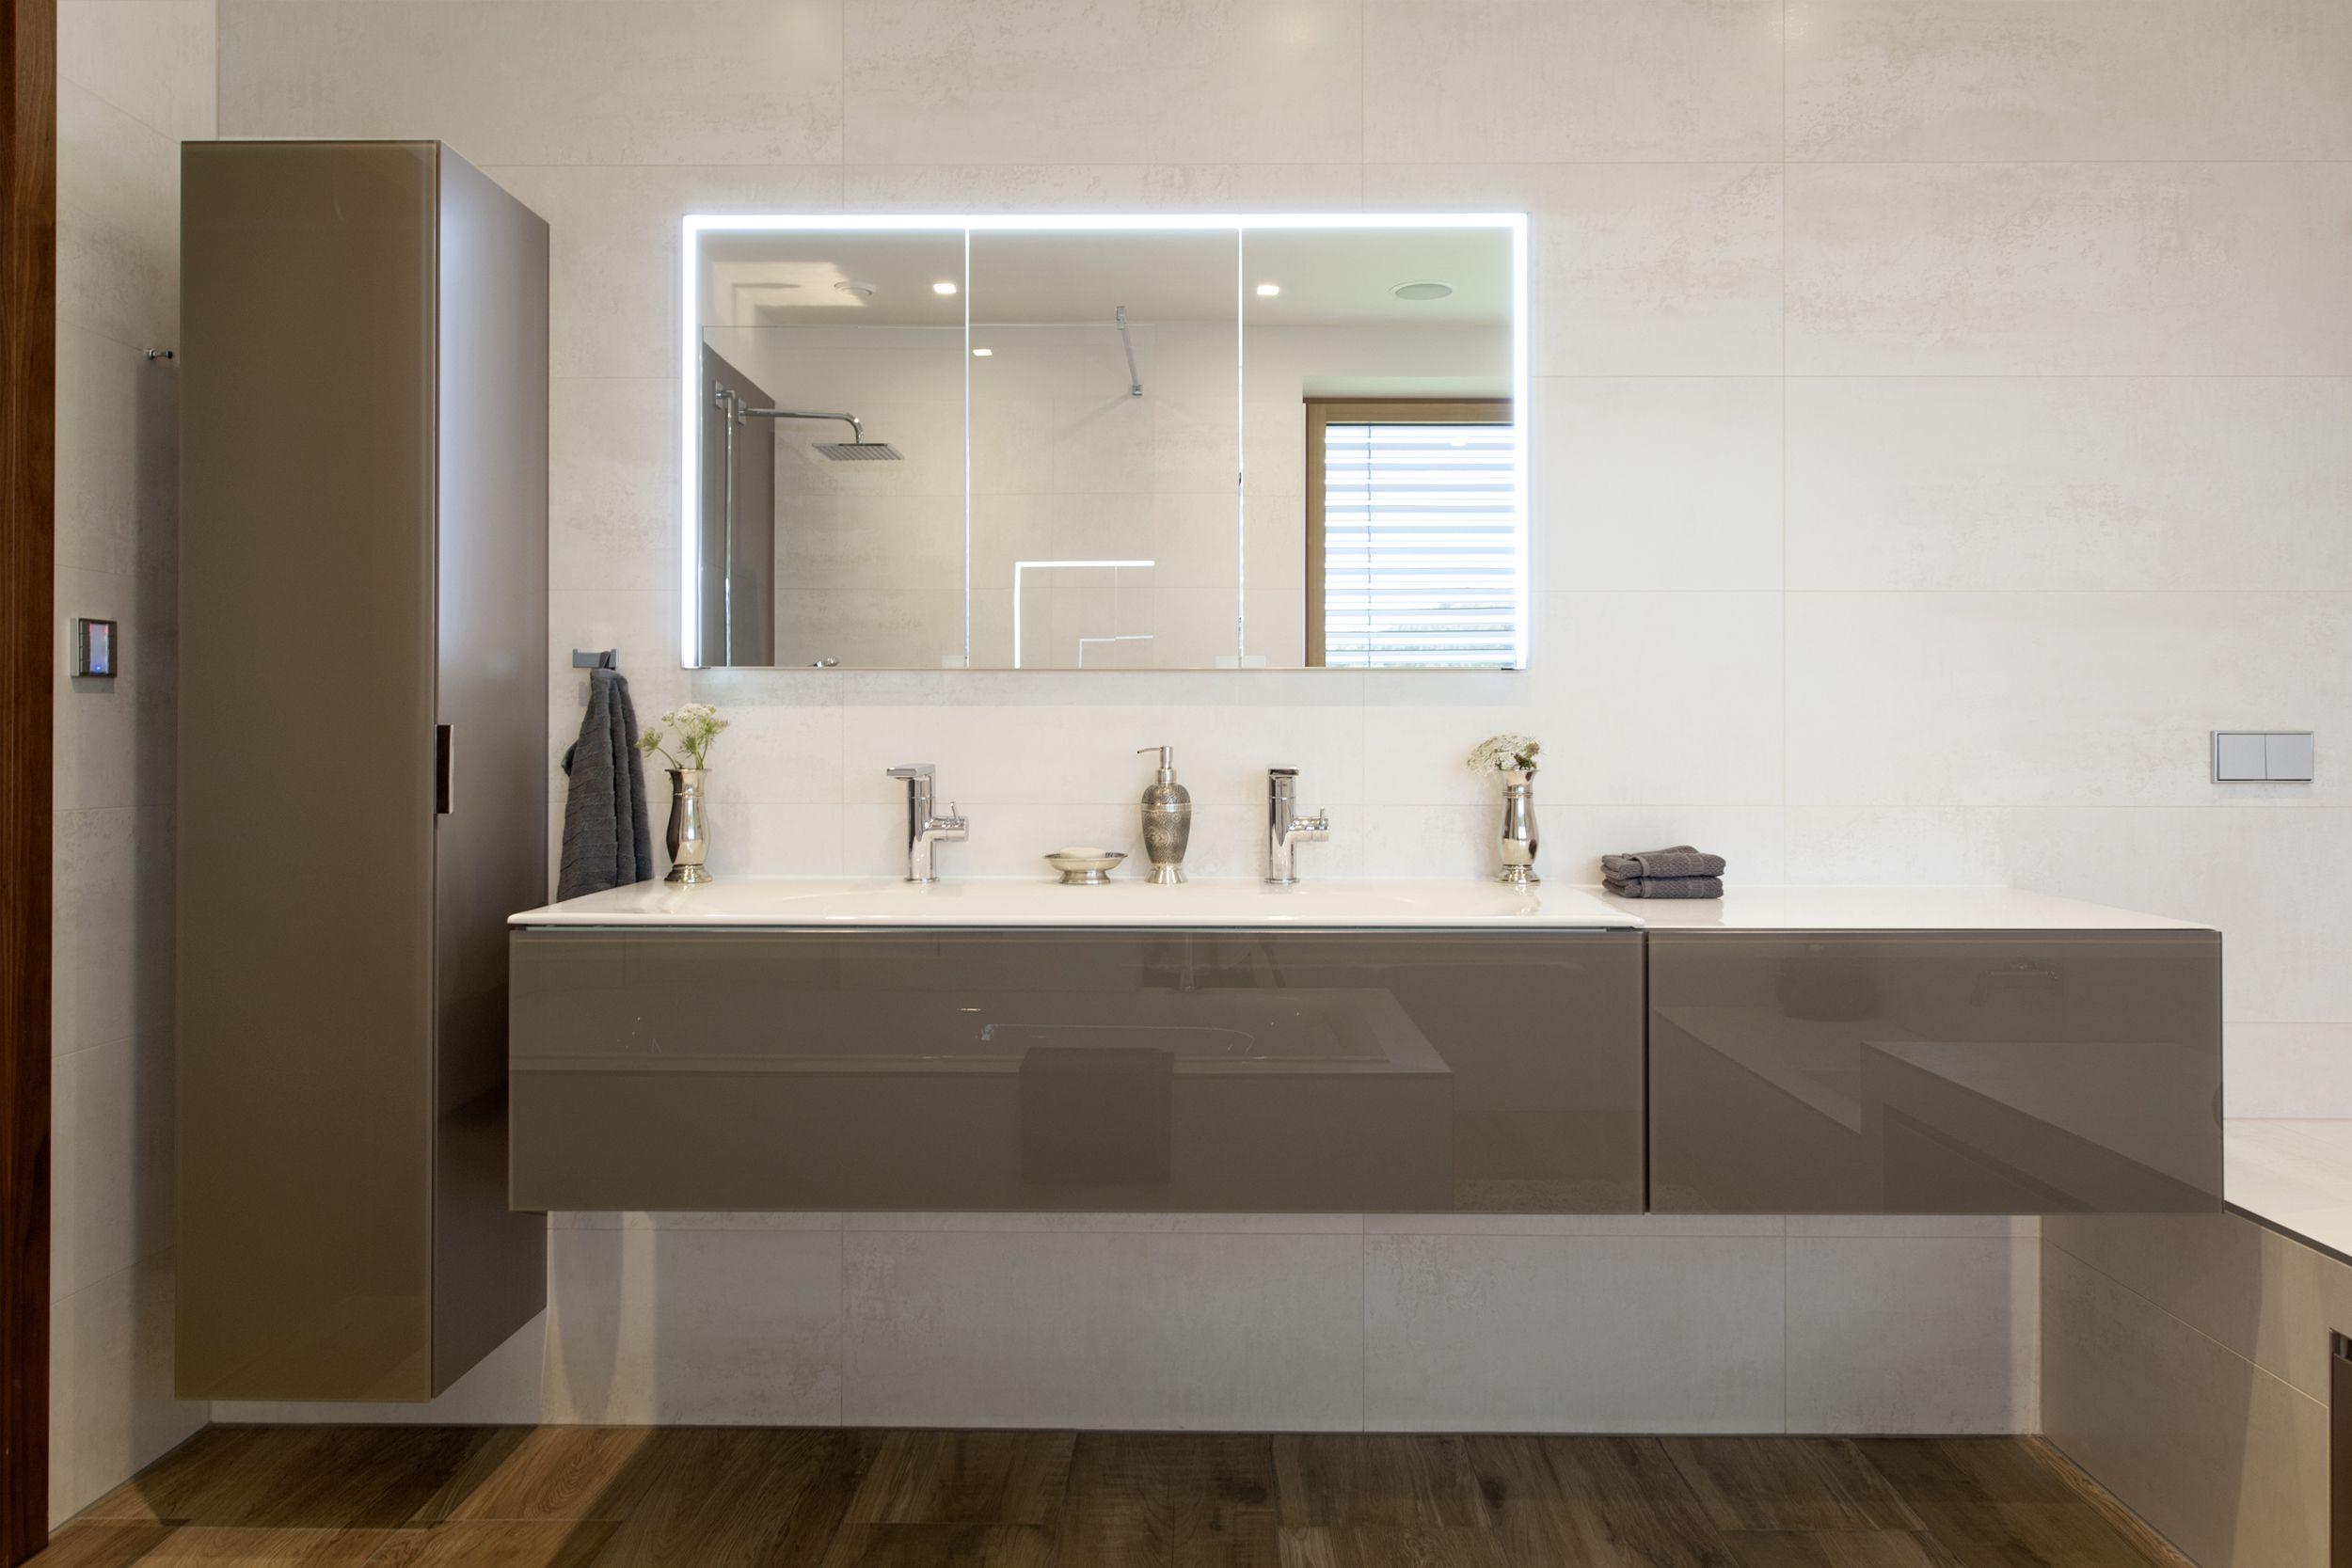 Beleuchteter Spiegelschrank (in die Wand eingebaut